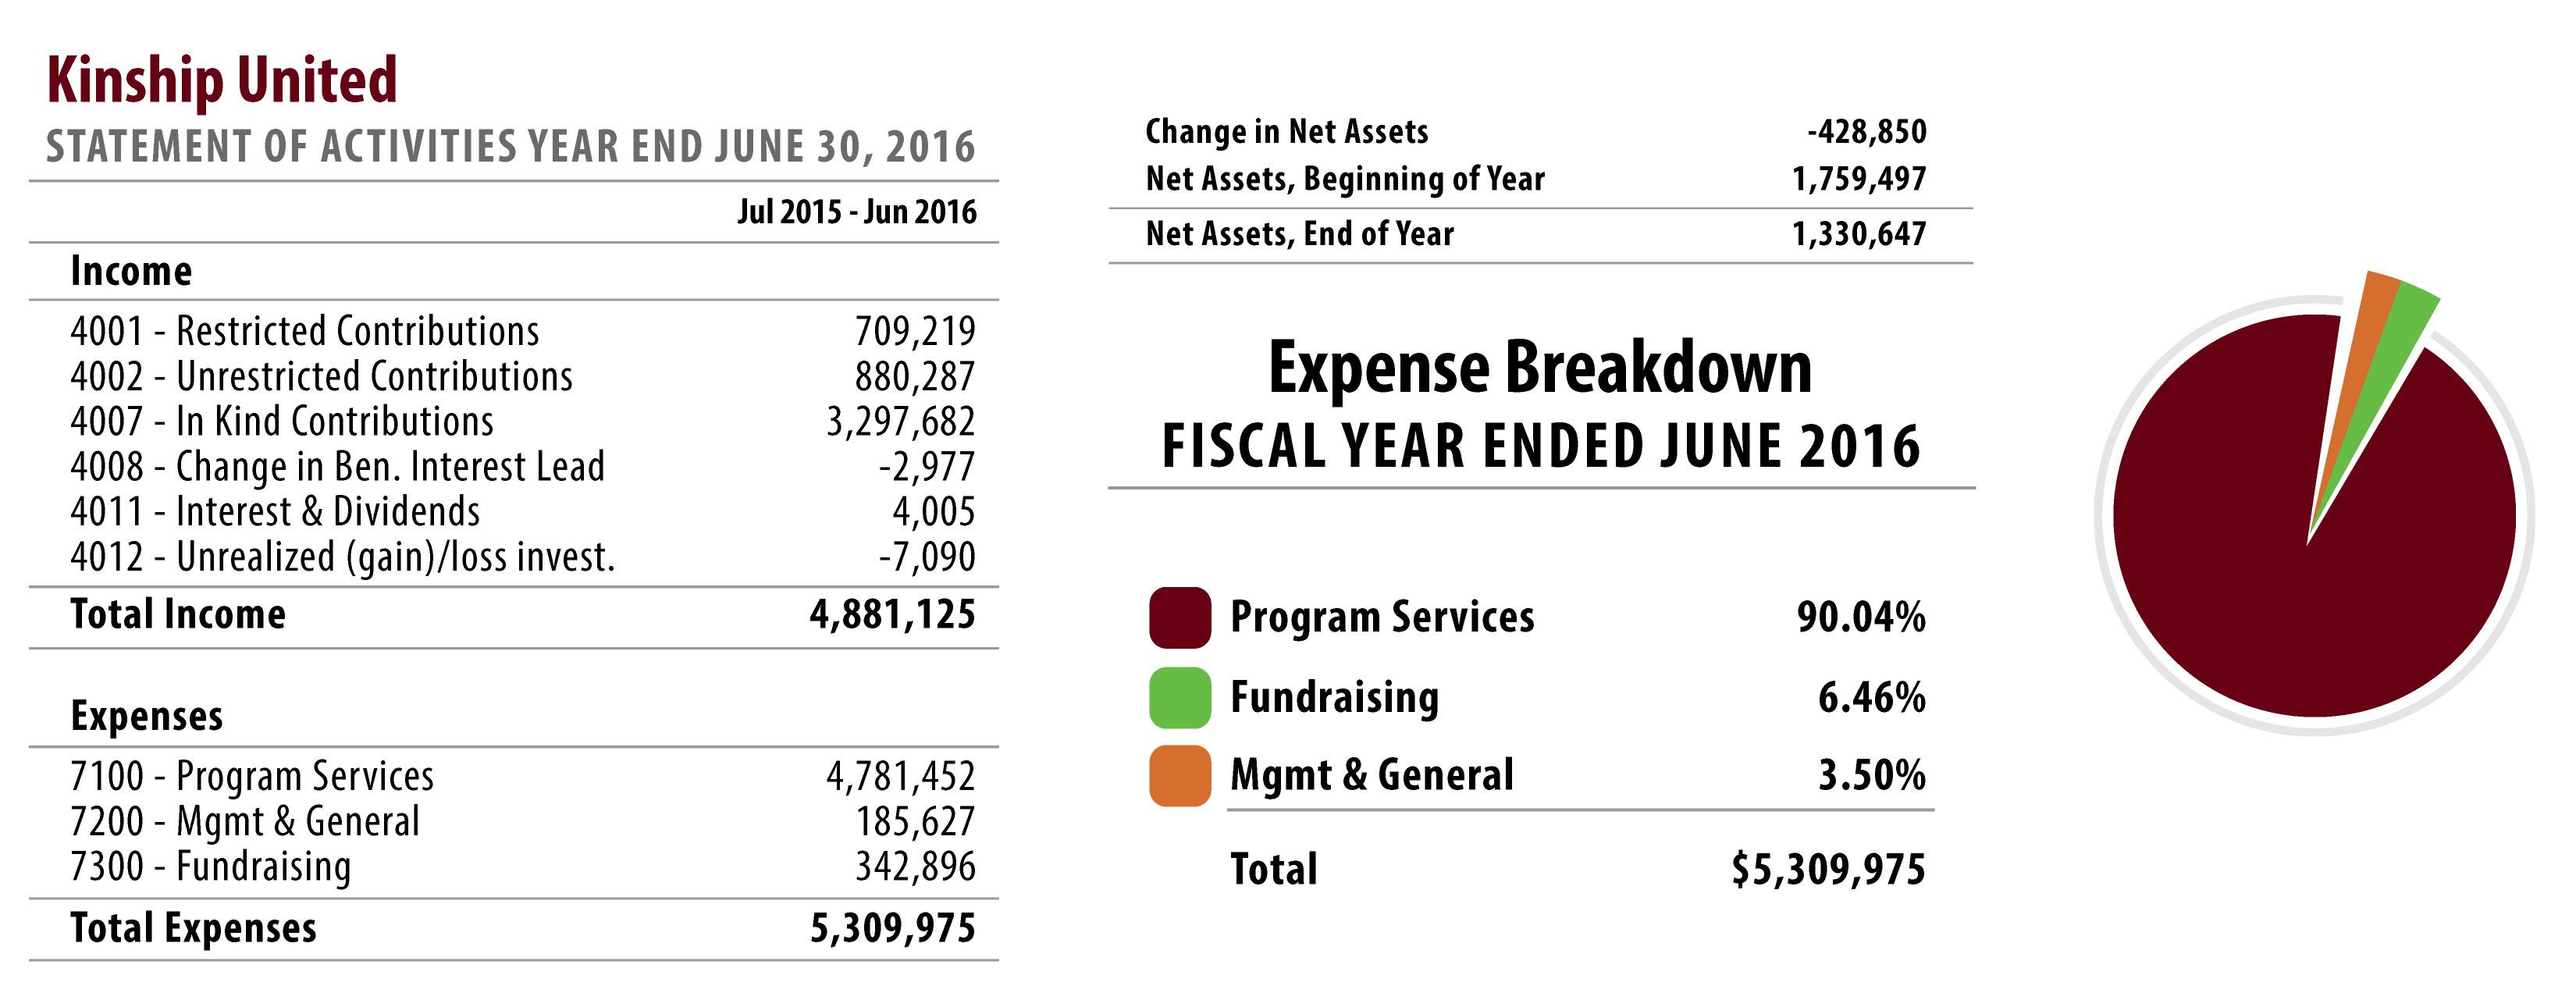 Kinship United 2016 Financial Breakdown